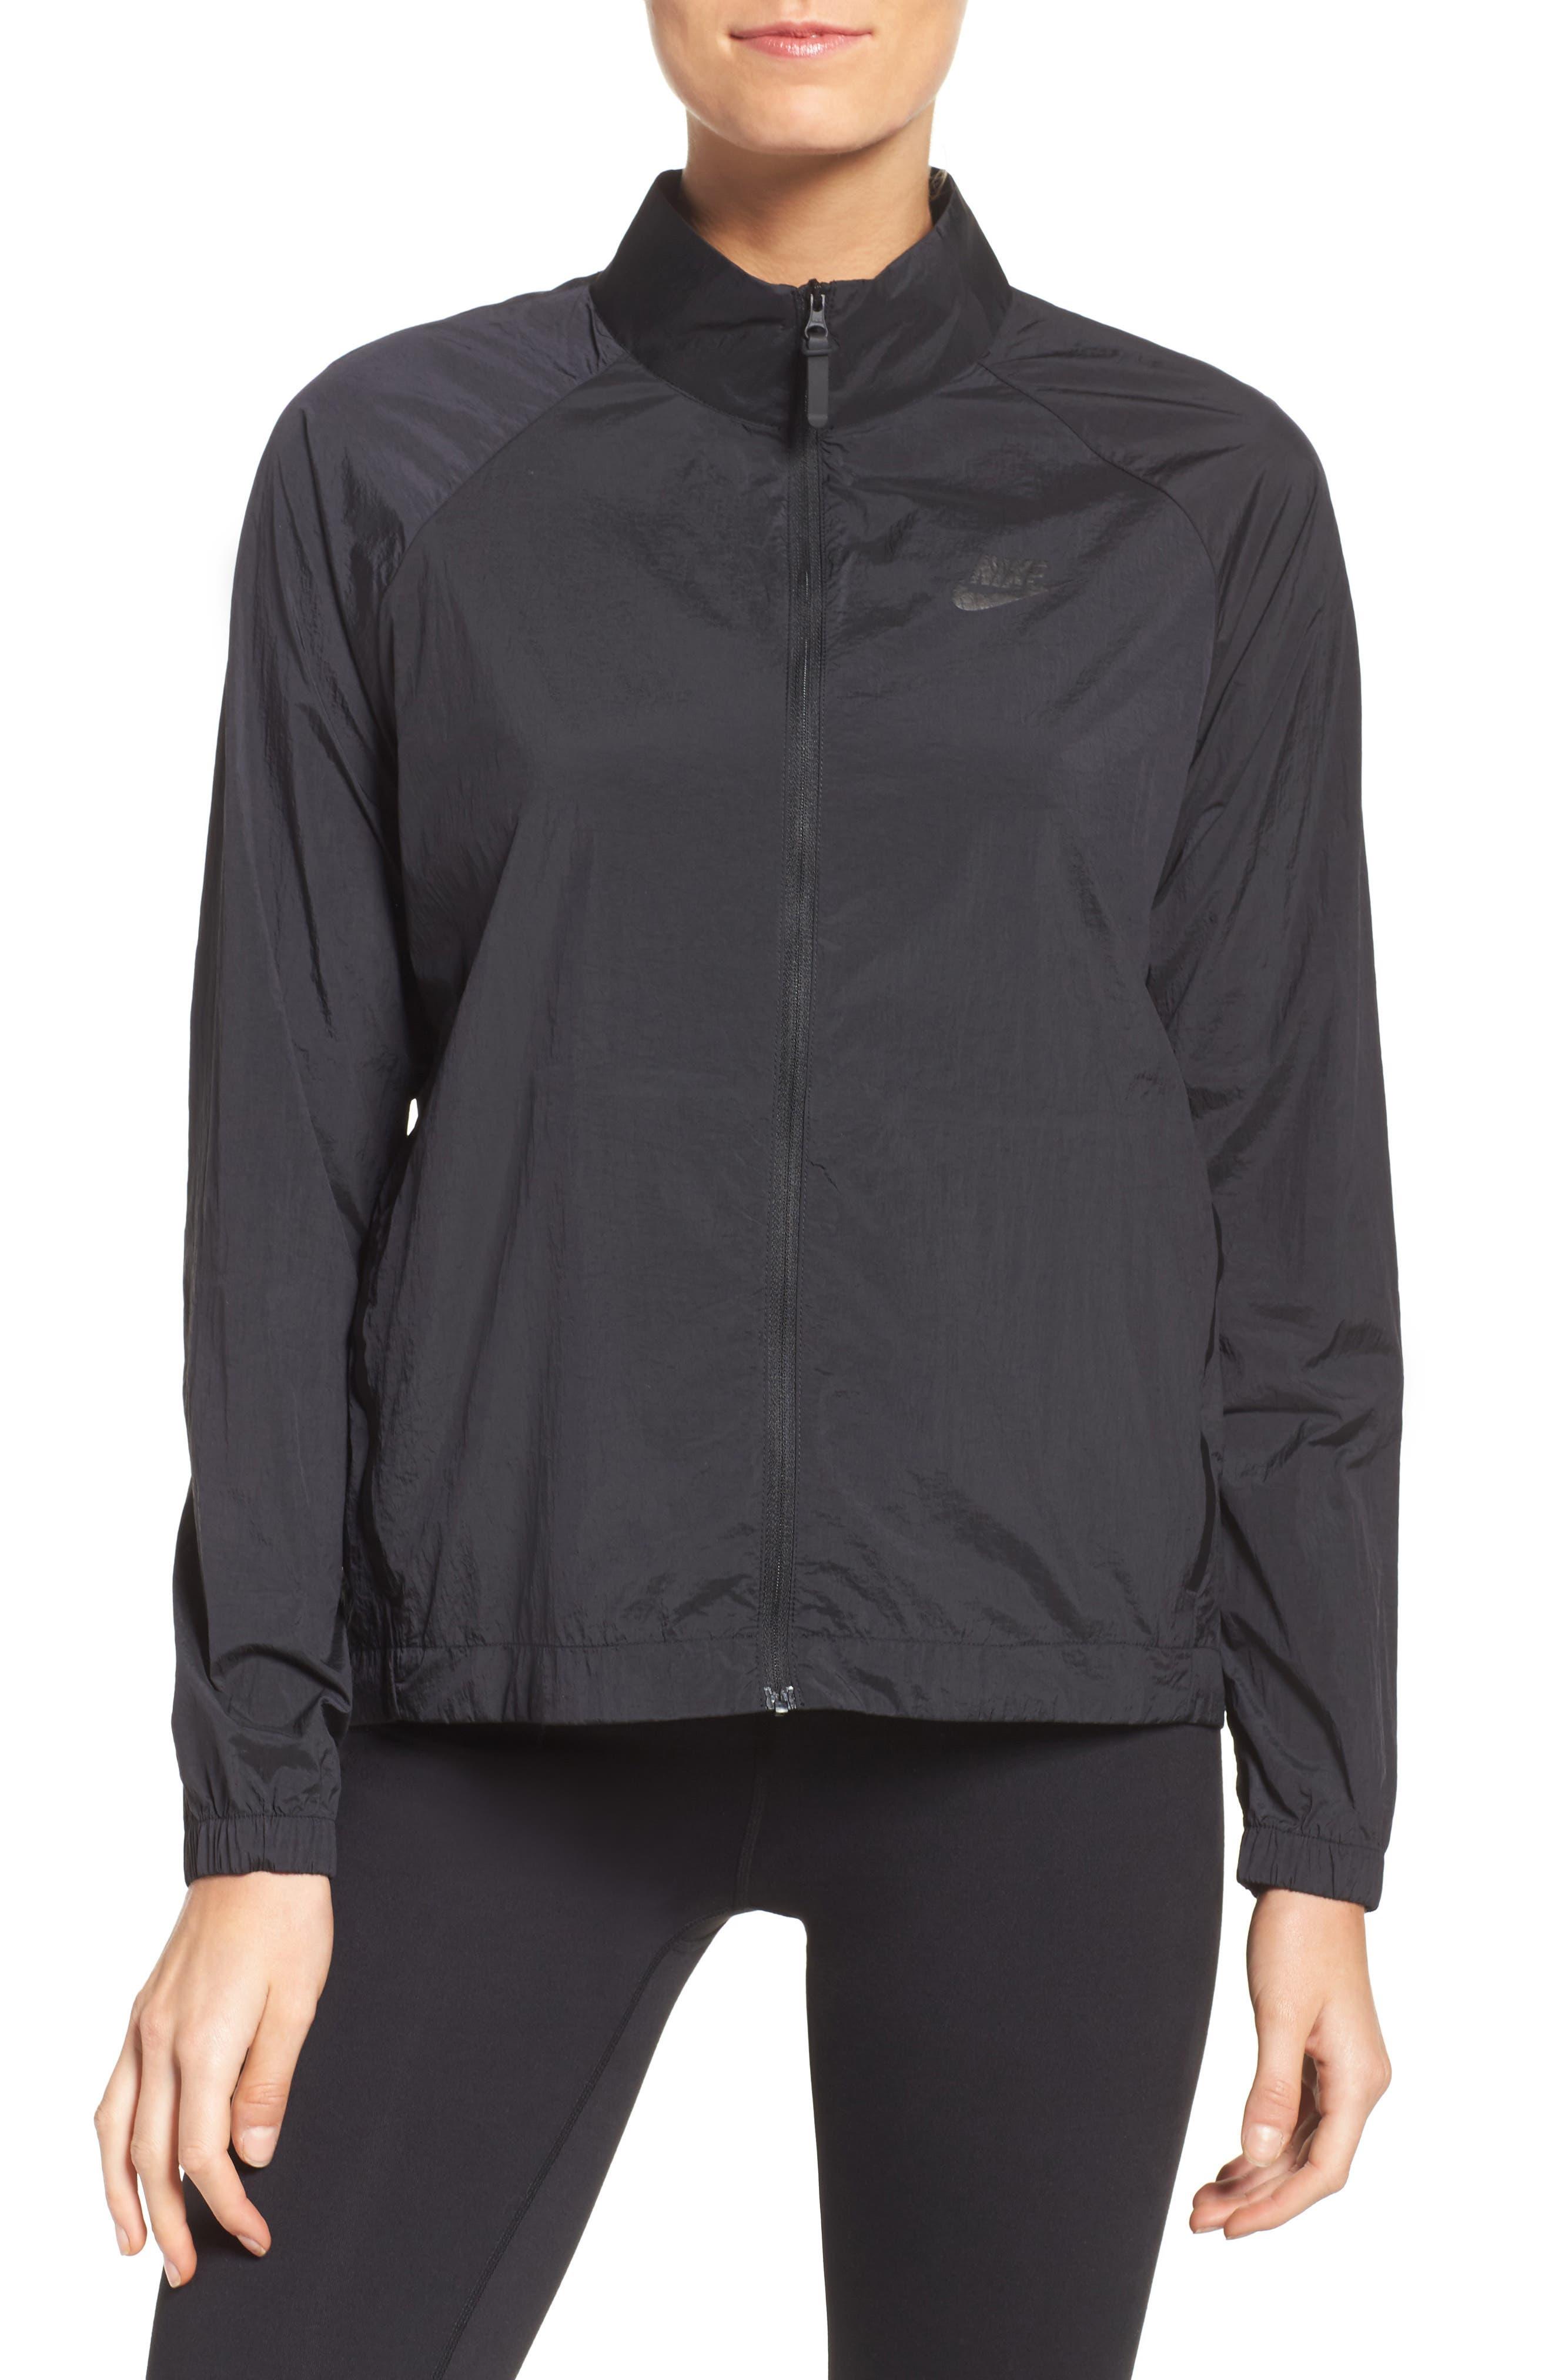 Nike Sportswear Tech Hypermesh Jacket